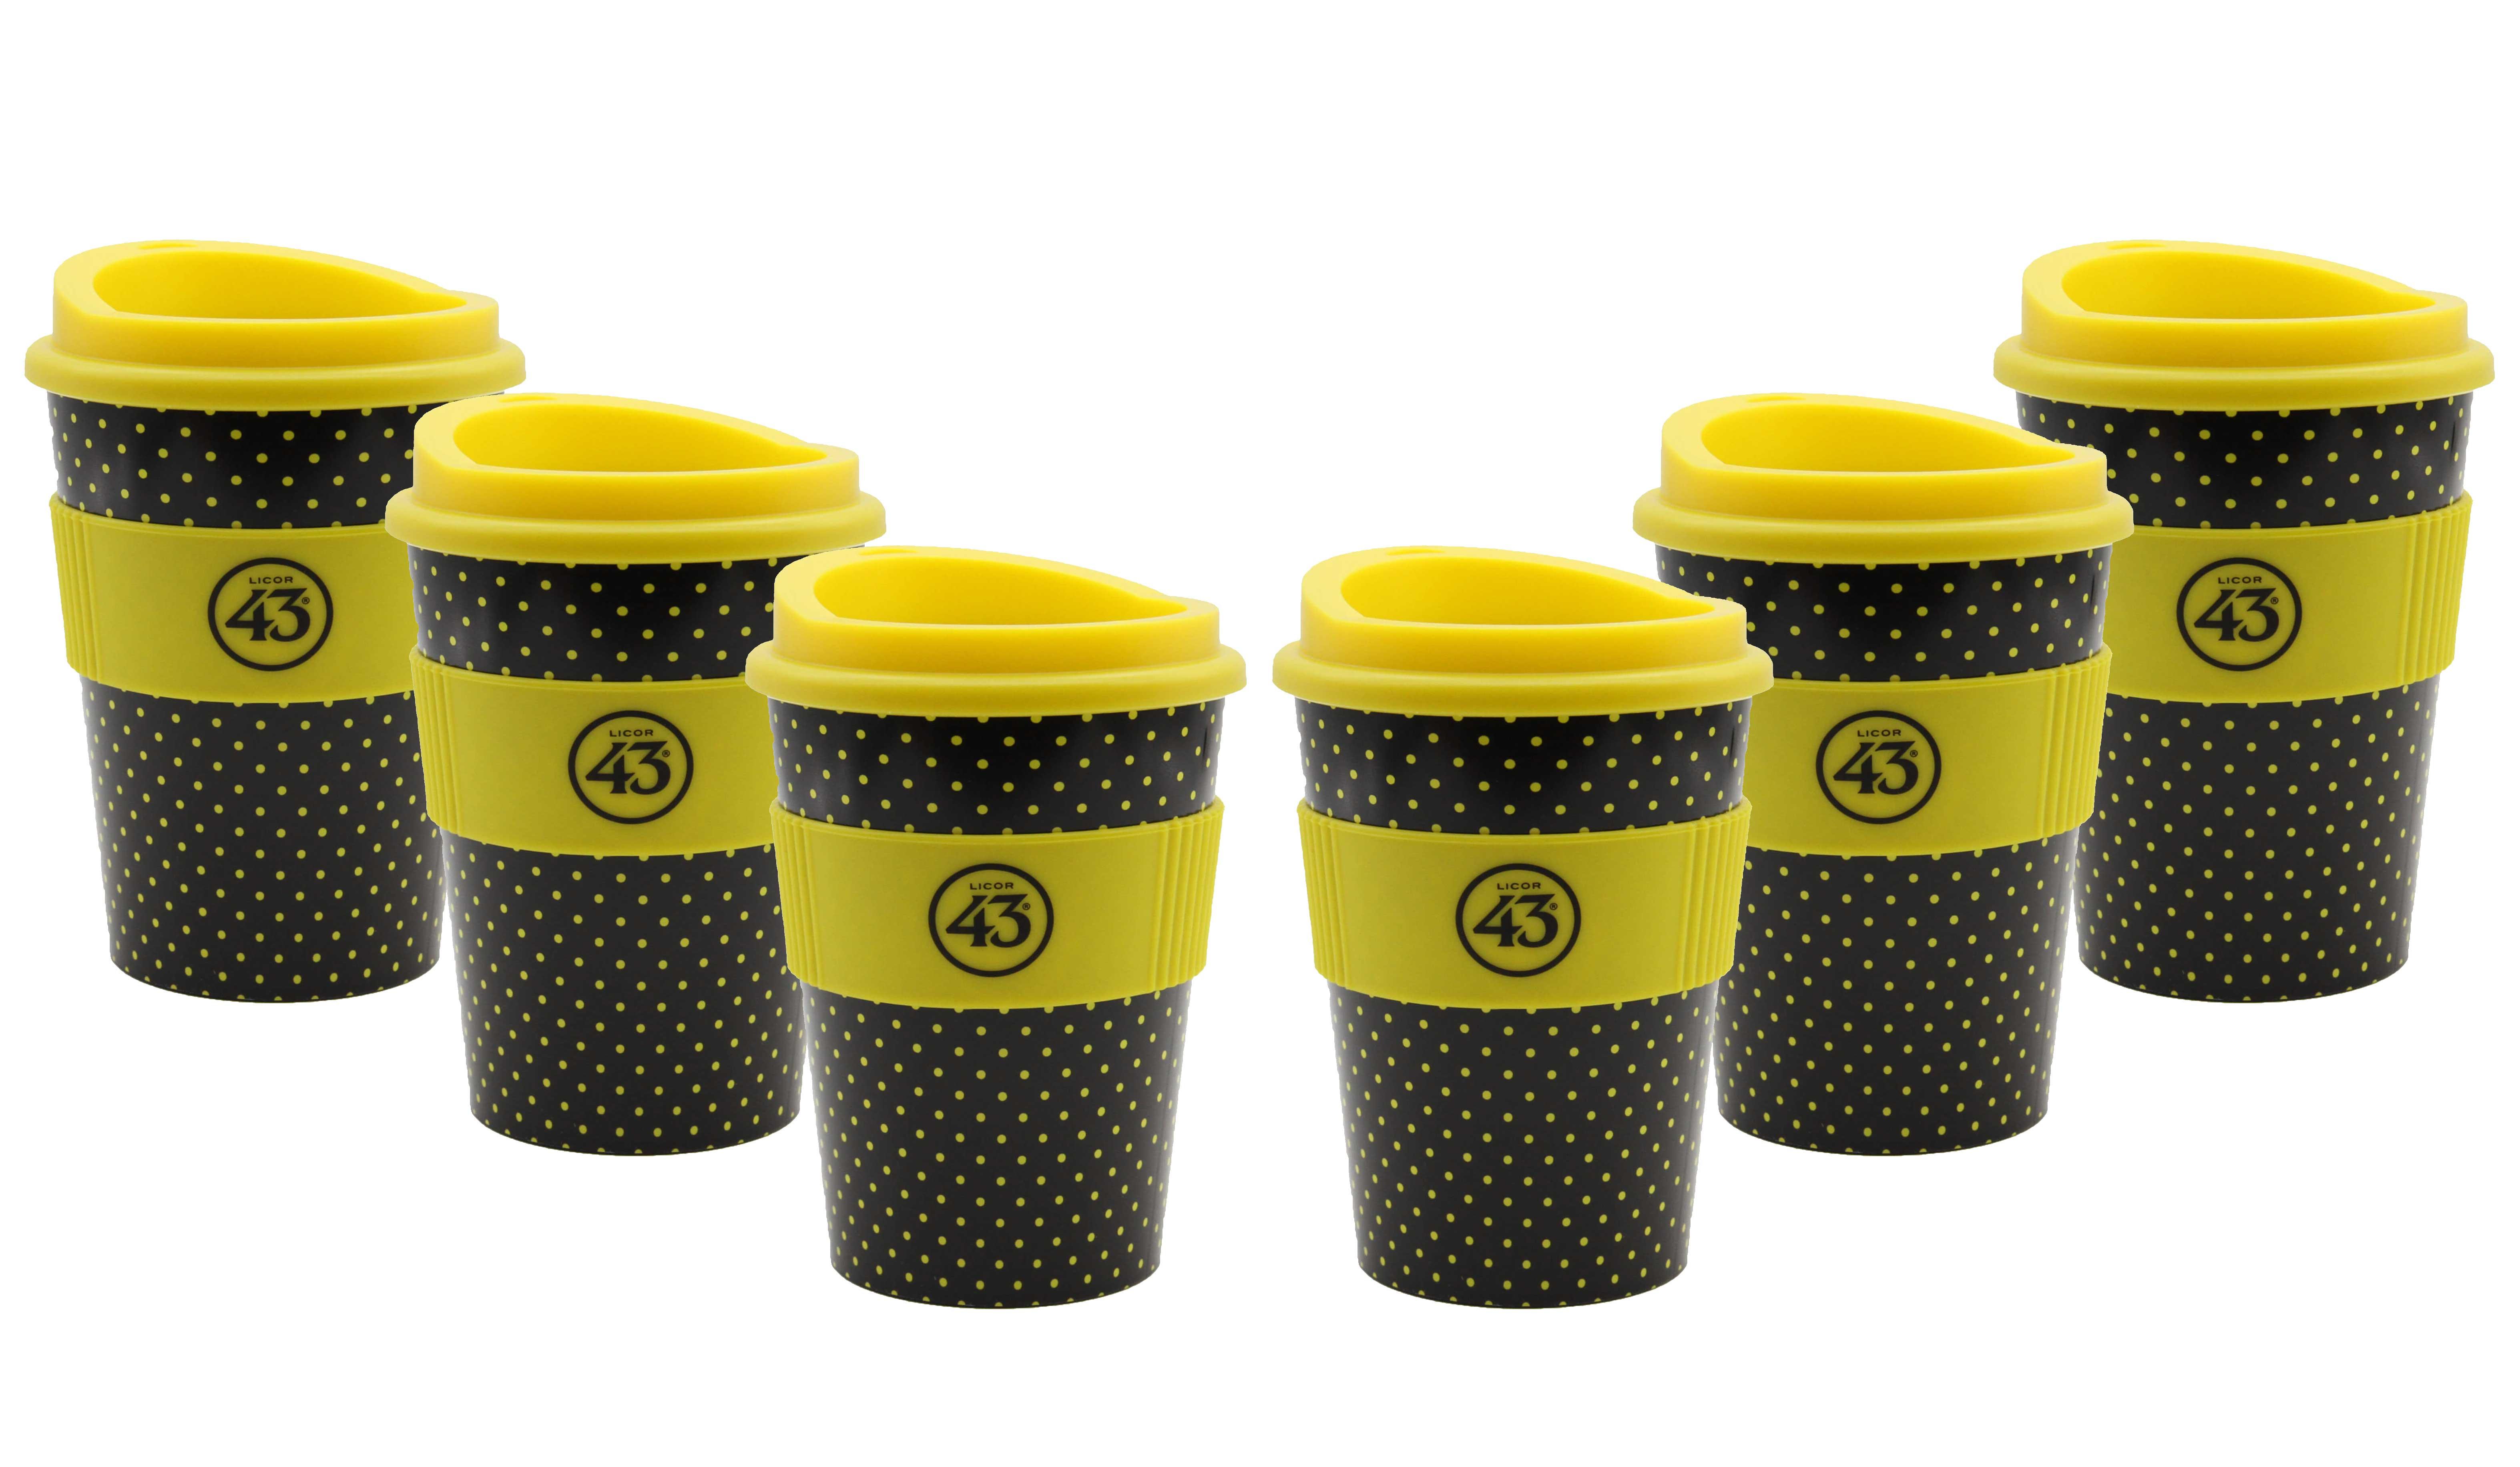 Licor 43 Kaffeebecher - 6er Set Trinkbecher Coffee to go mit Deckel Likör Liquor 43er